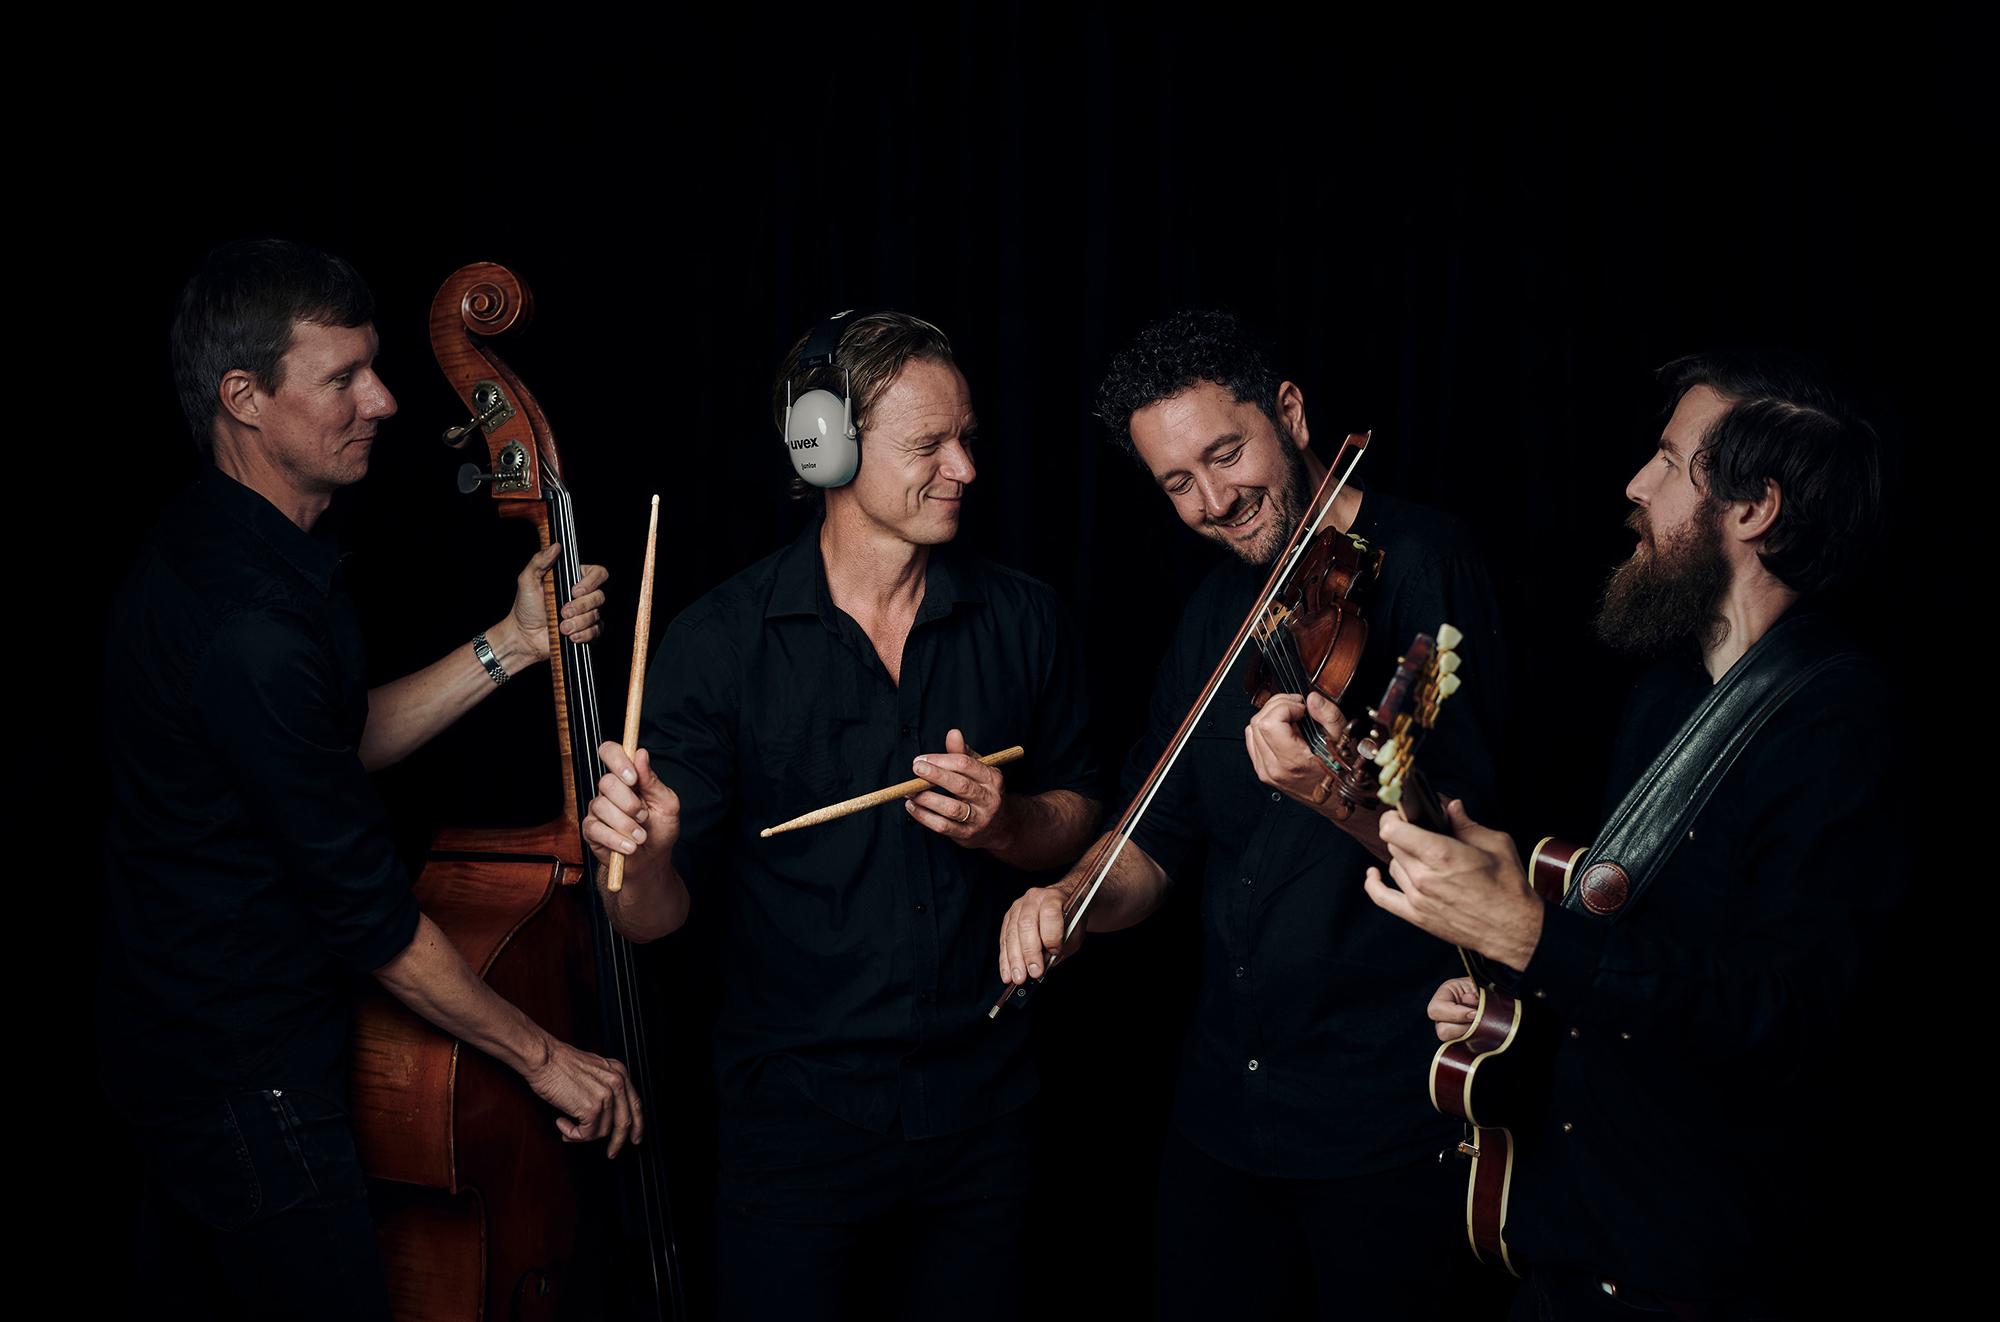 FÅ BILLETTER! KLUB ARKEN: Bjarke Falgren Quartet